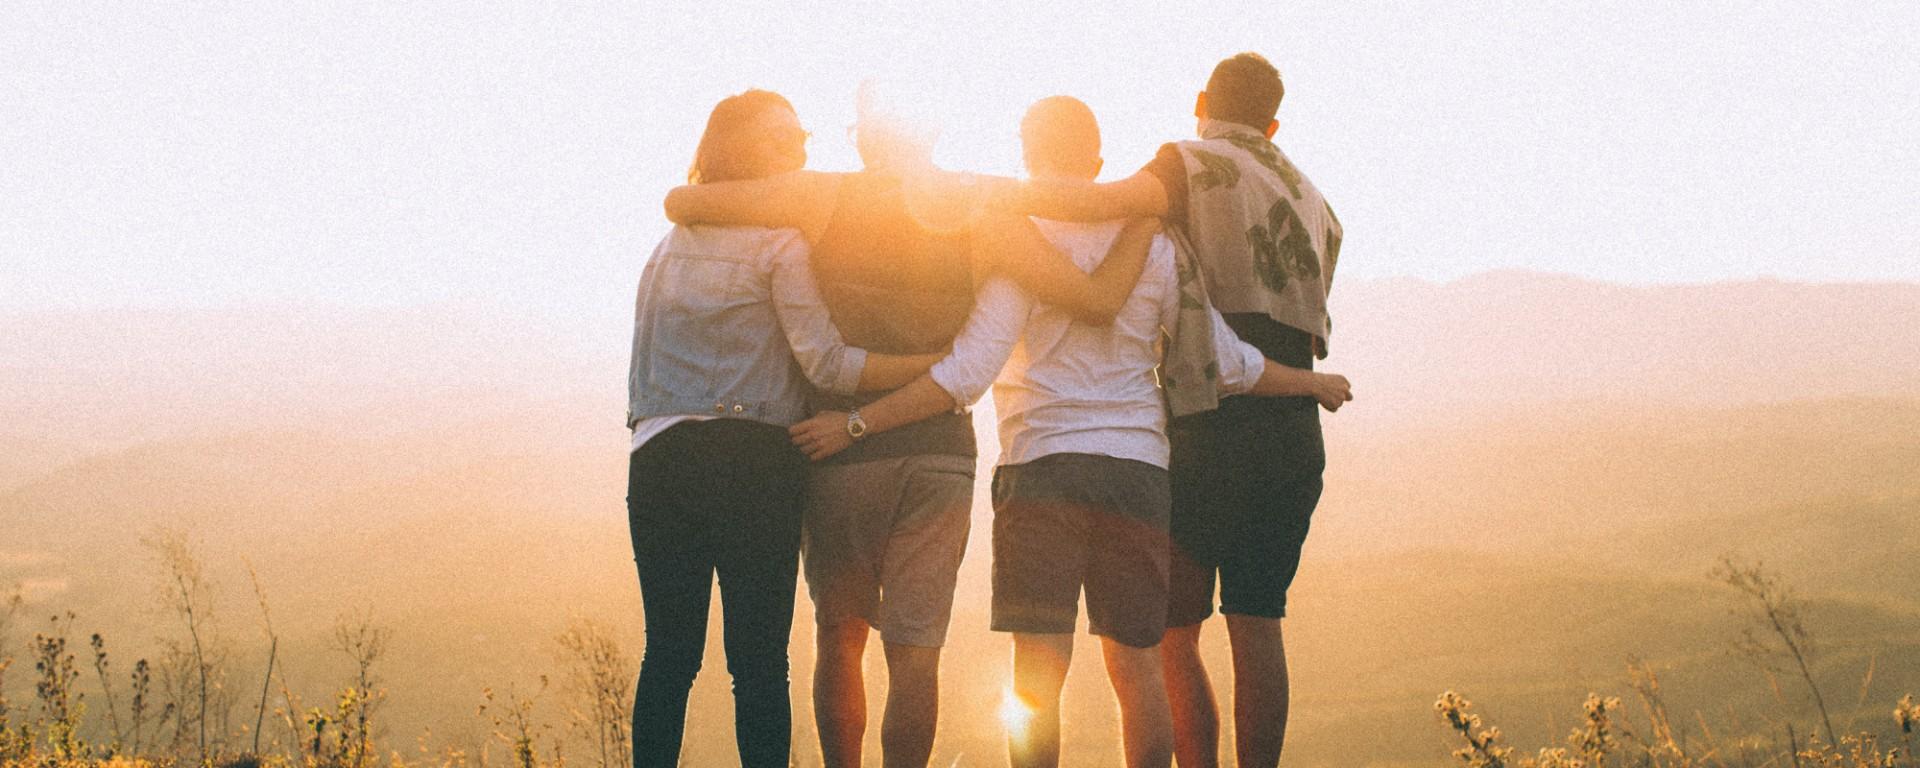 People hugging. Image: Helena Lopes via Unsplash